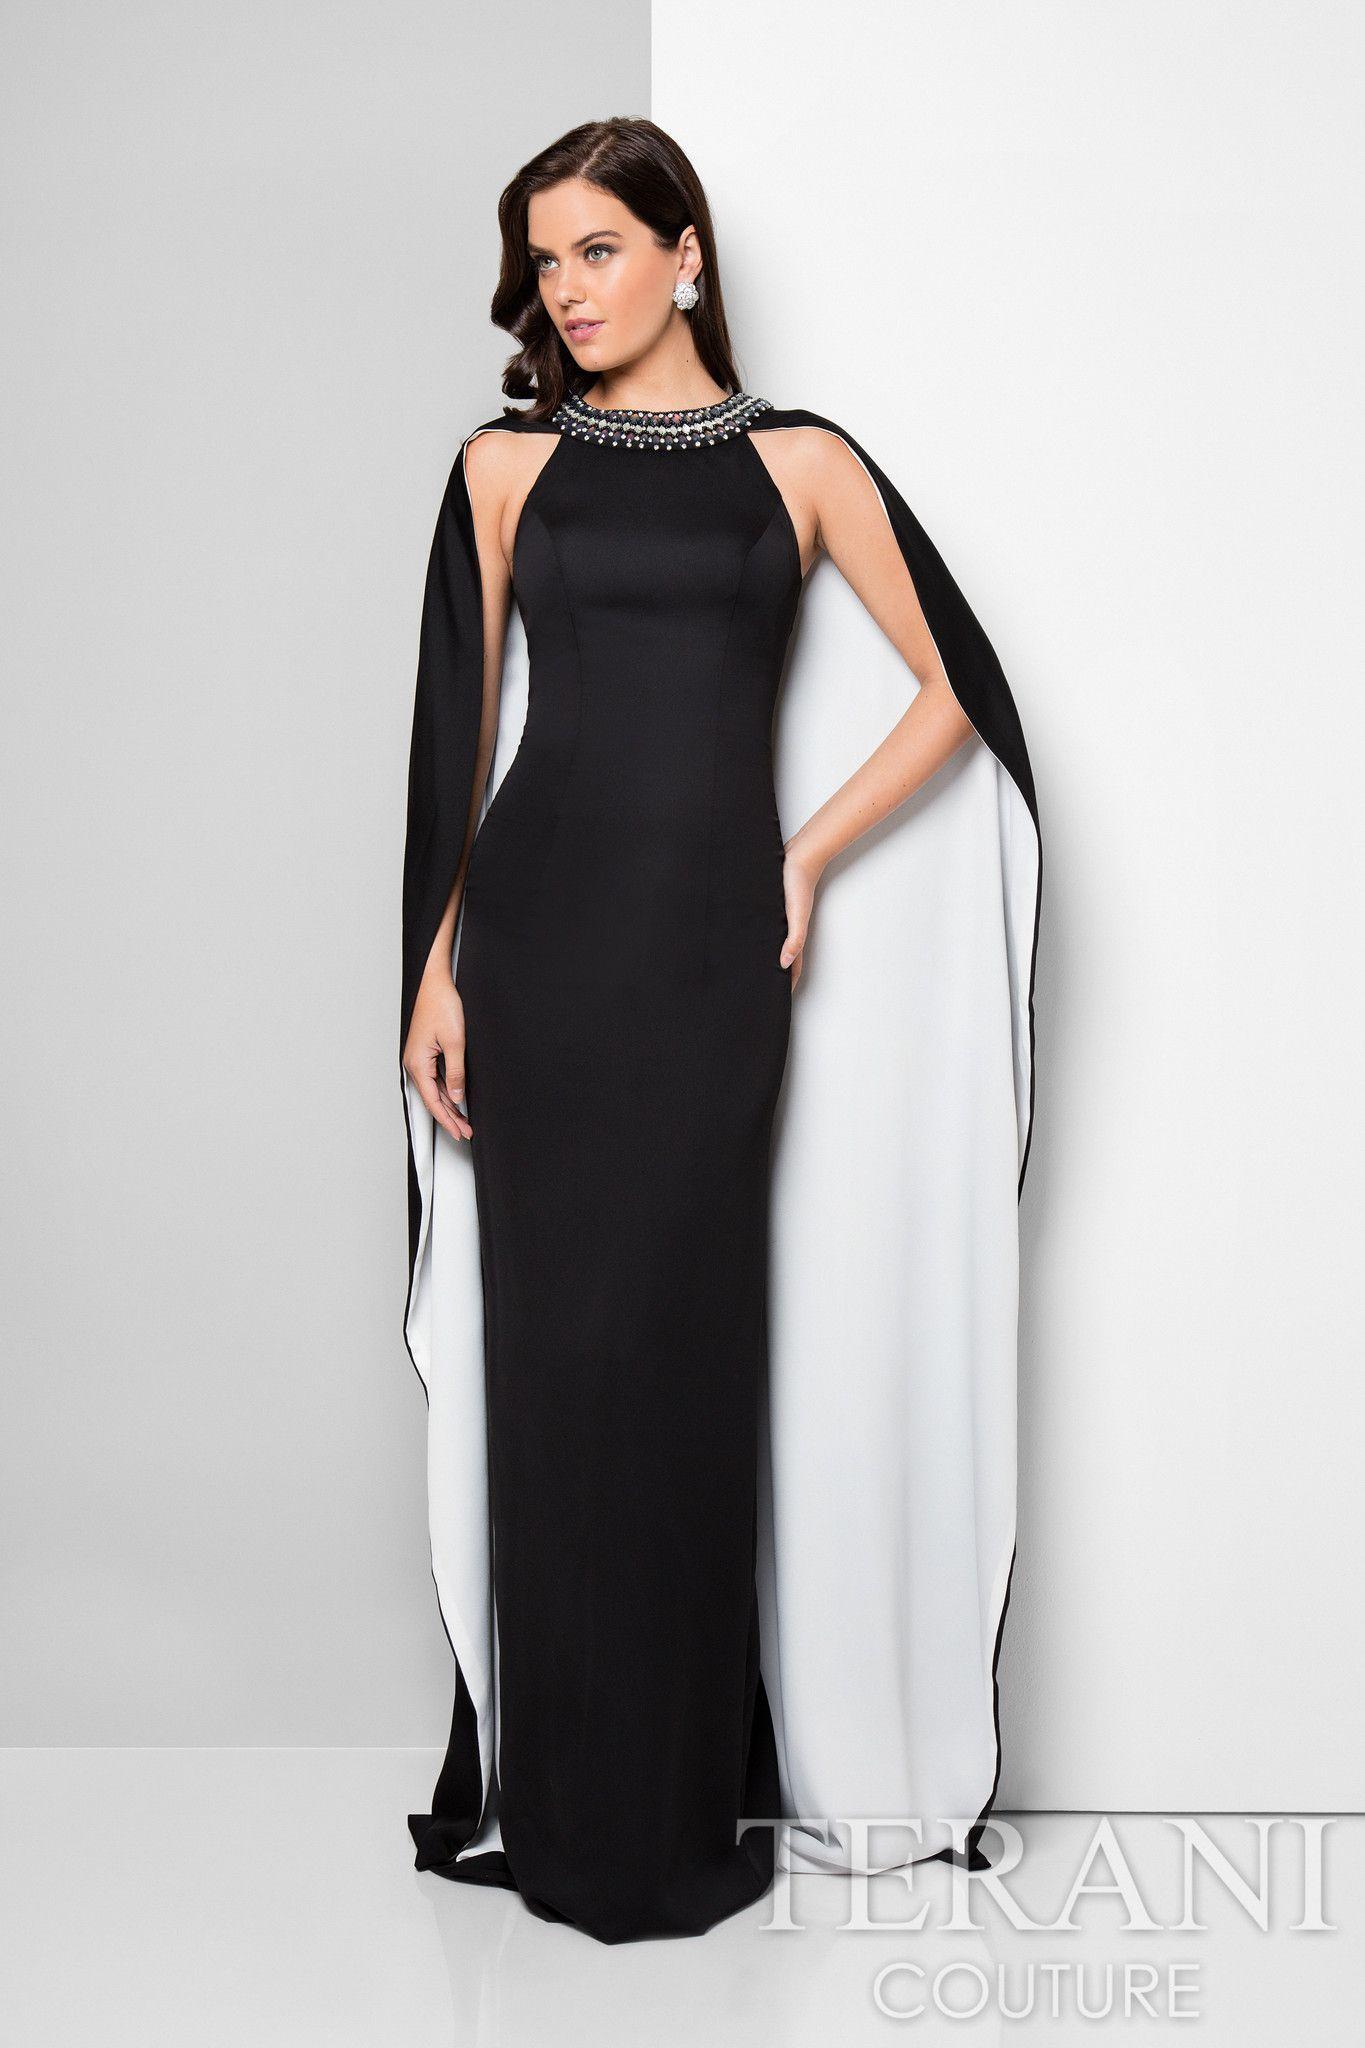 Gemütlich Terani Cocktailkleider Fotos - Hochzeit Kleid Stile Ideen ...